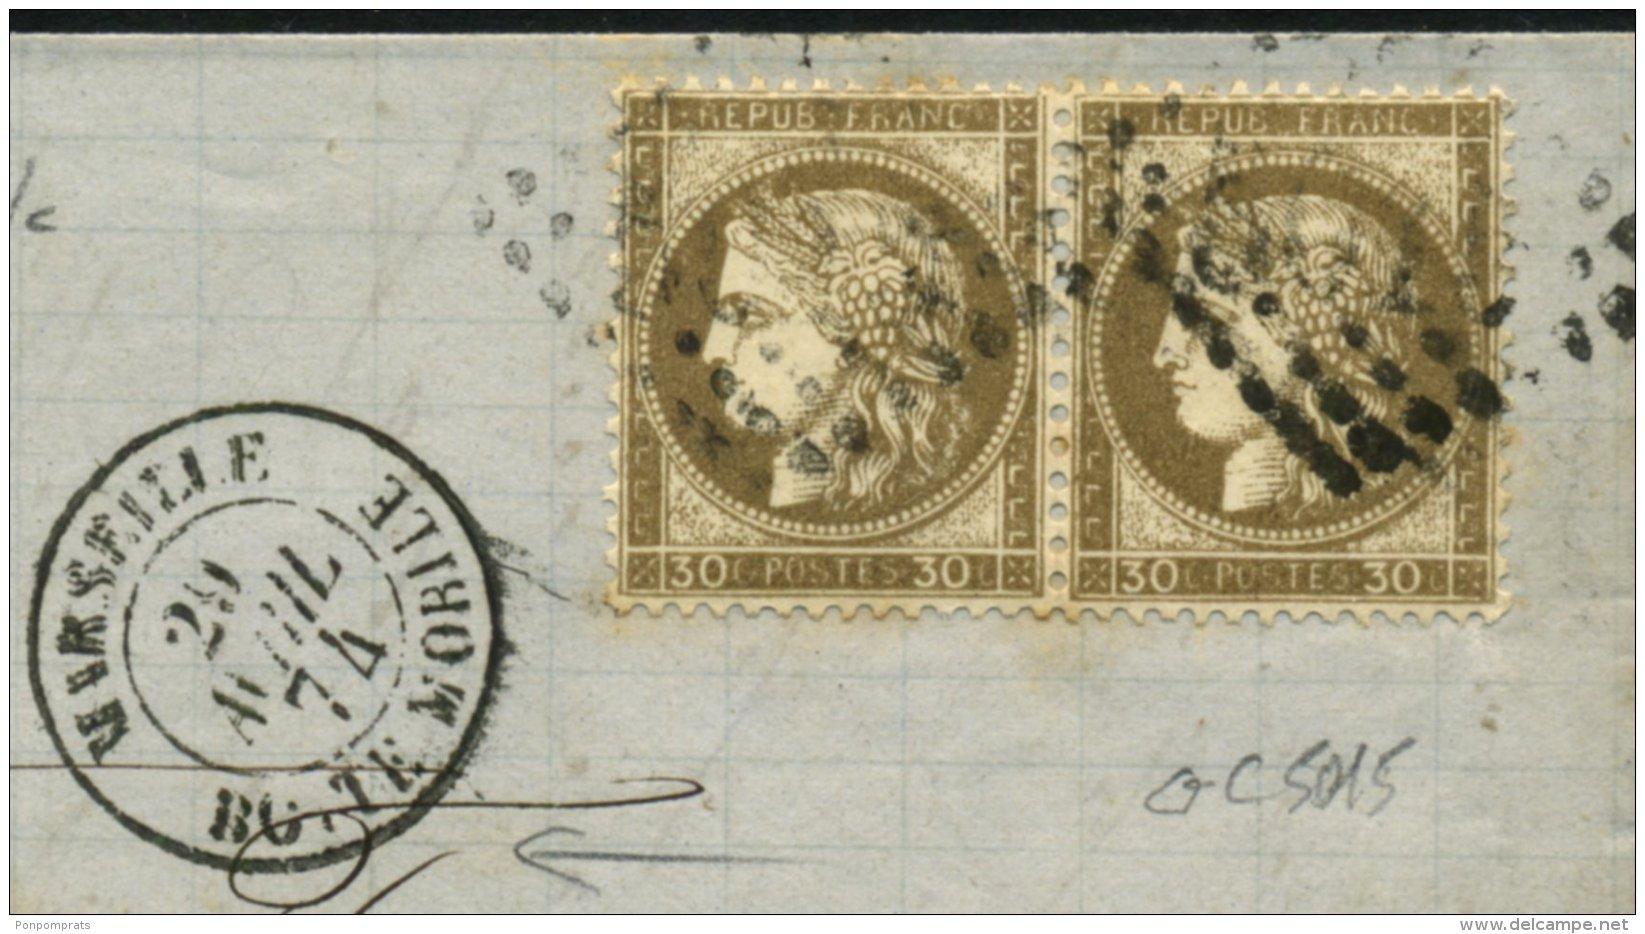 BOUCHES DU RHONE: Pli Avec 30c CERES Dentelé X2 Oblt GC 5015 + CàDate T 15 MARSEILLE BOITE MOBILE  > TUNIS - Marcophilie (Lettres)